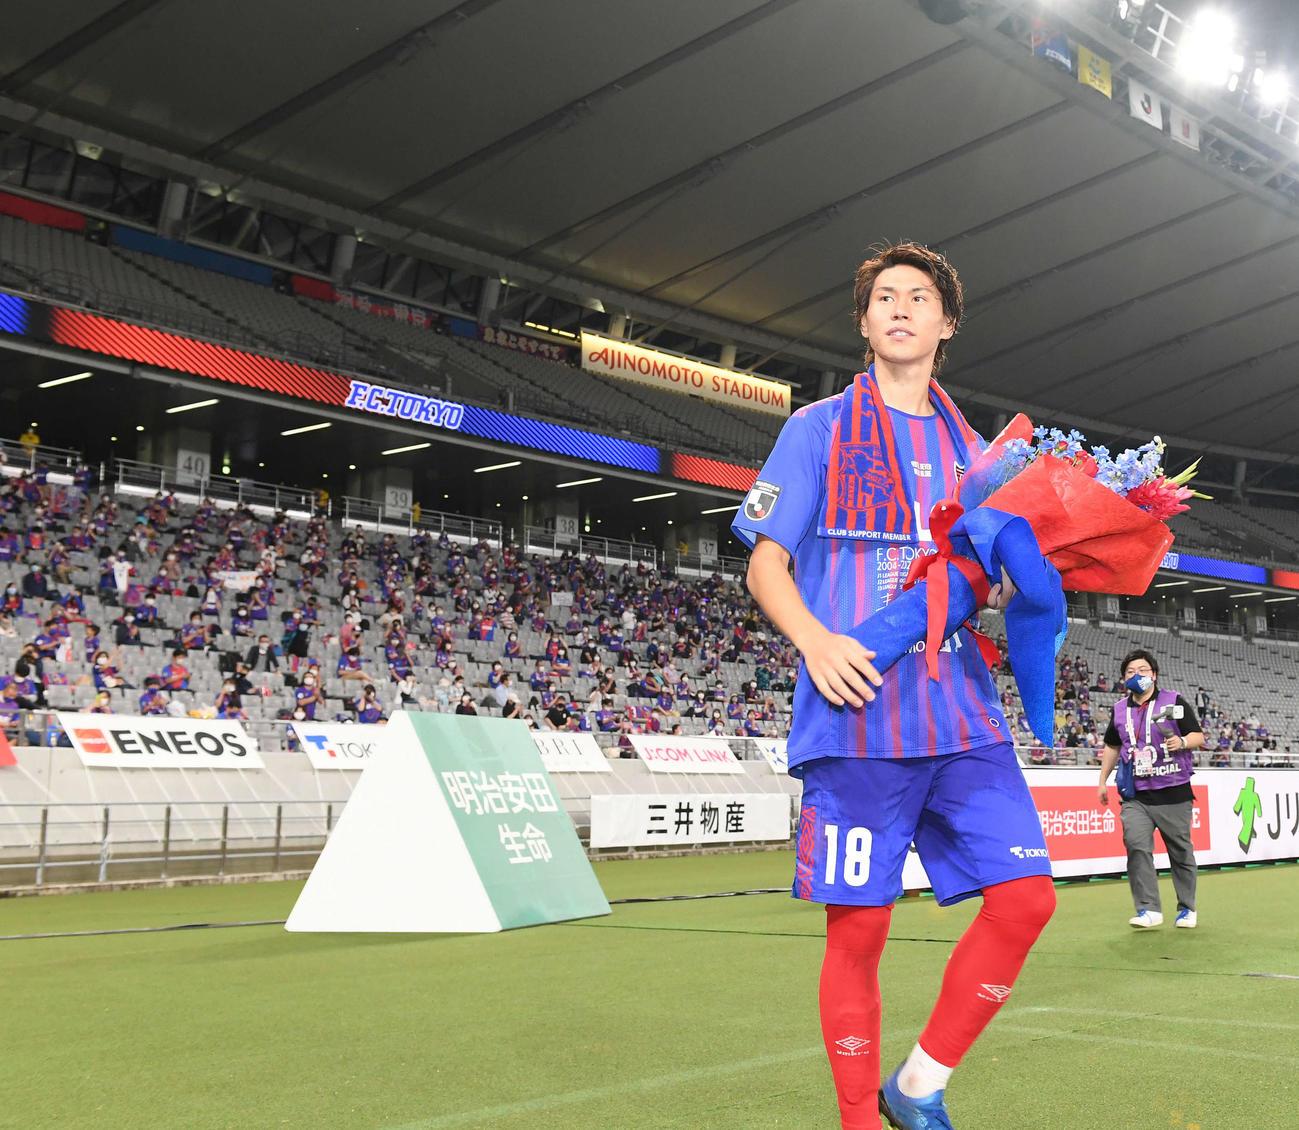 7月18日、浦和戦後の壮行セレモニーで、笑顔で手を振りながら場内1周する東京MF橋本